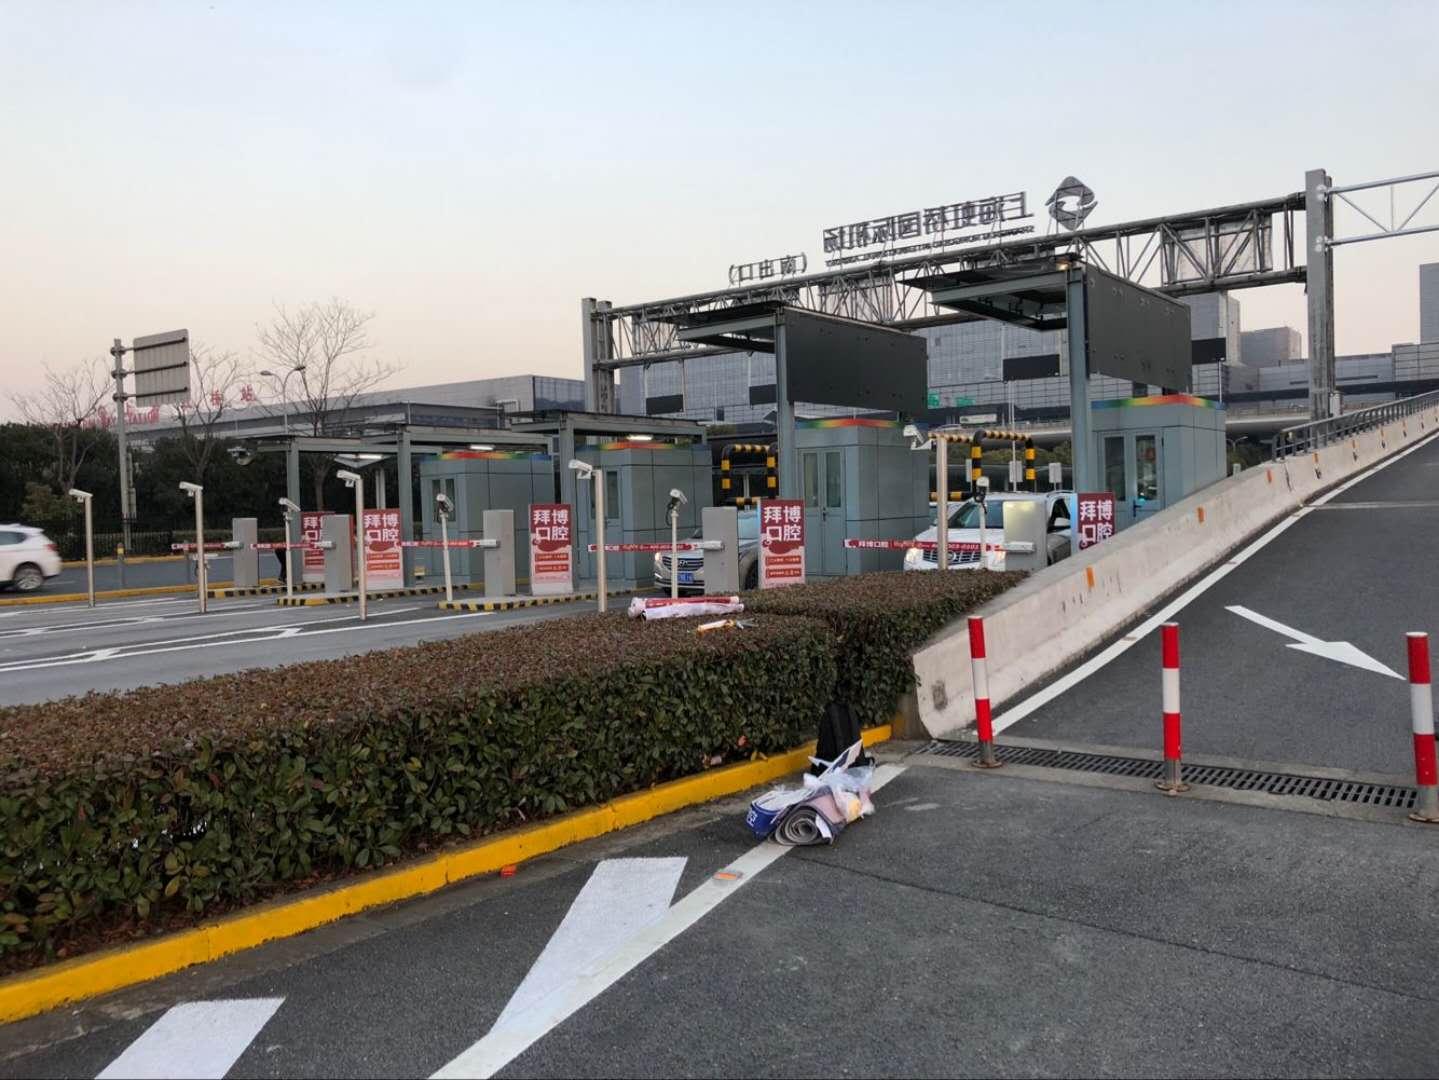 上海虹桥国际机场T1、T2航站楼停车场(P0、P6、P7)出入口灯箱道闸广告位-易播网